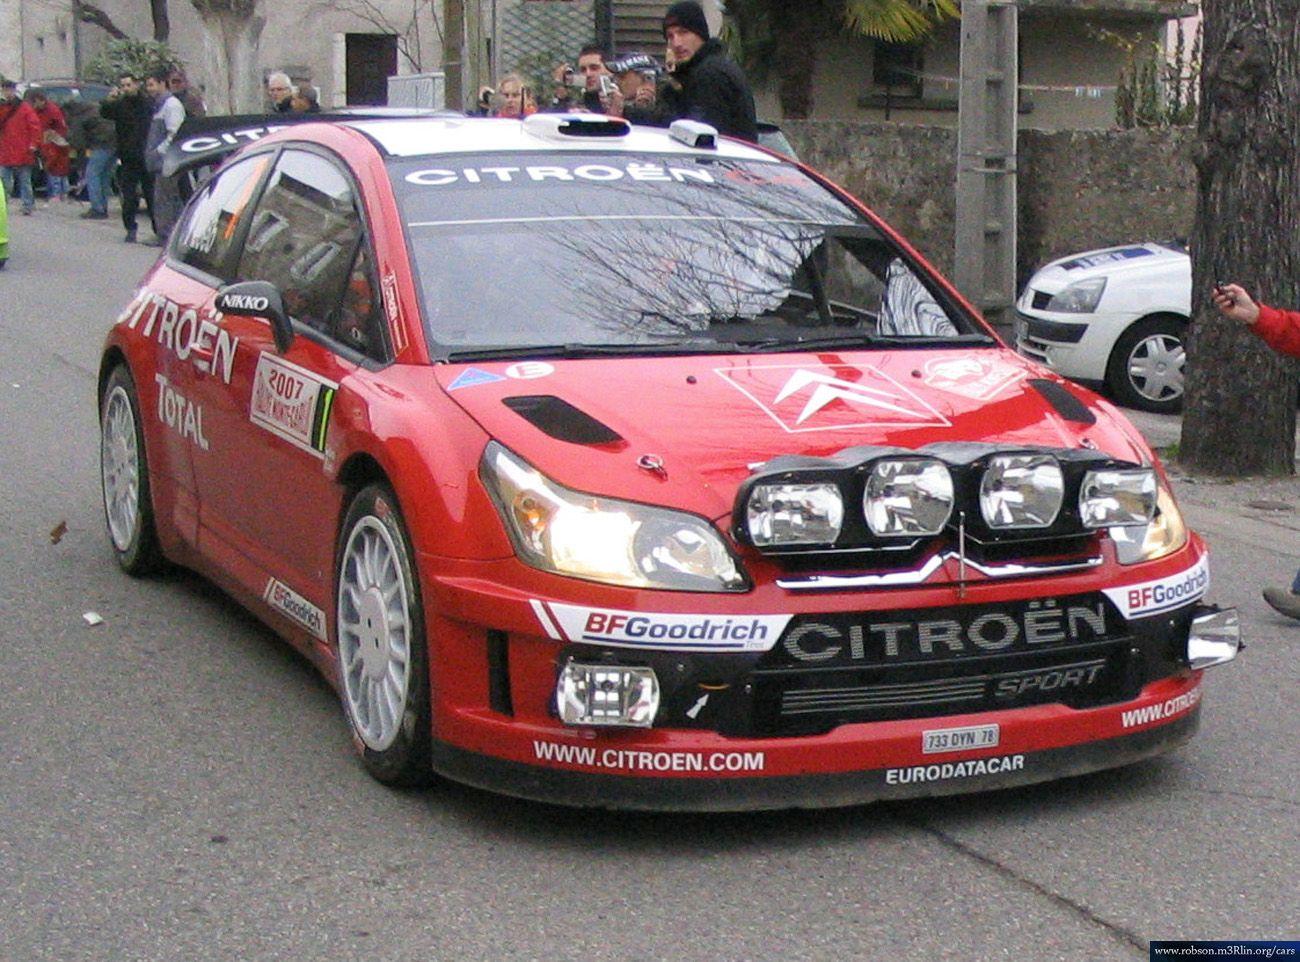 Citroen C4 2007 Wrc Automovilismo Rally Verdadera Categoria